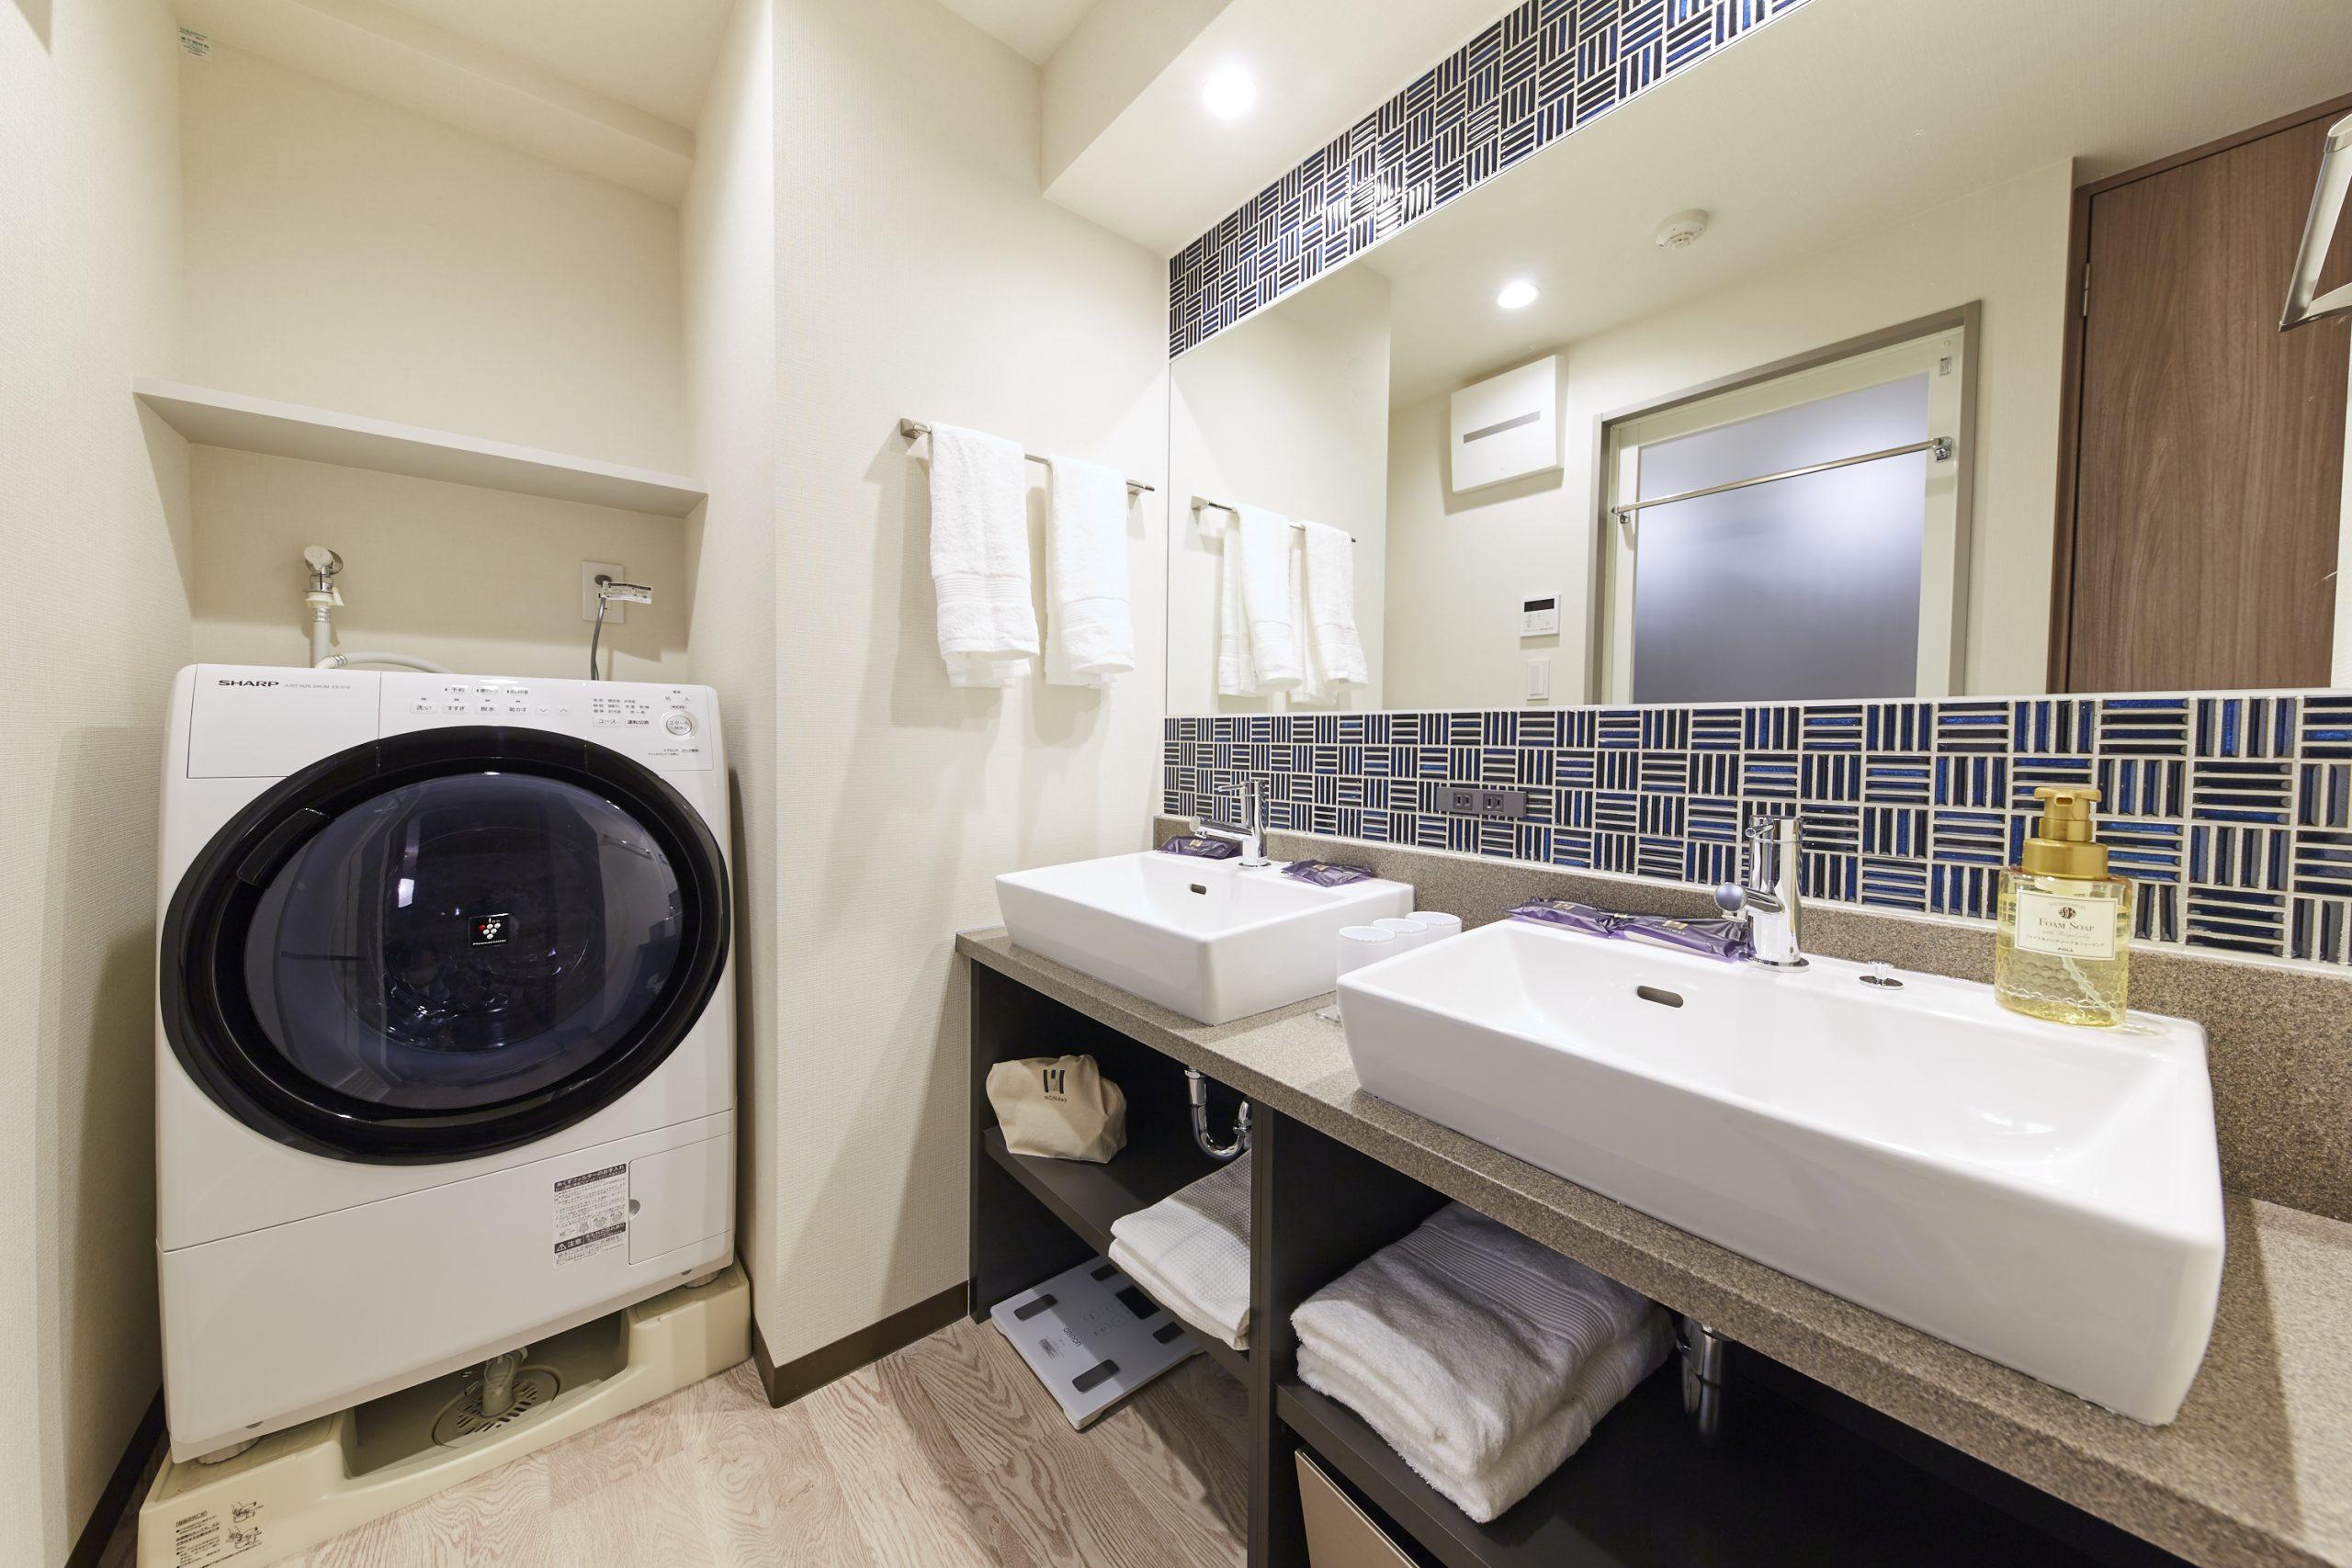 最新のドラム型洗濯機も完備。洗濯用のピンチハンガーもご用意しております。